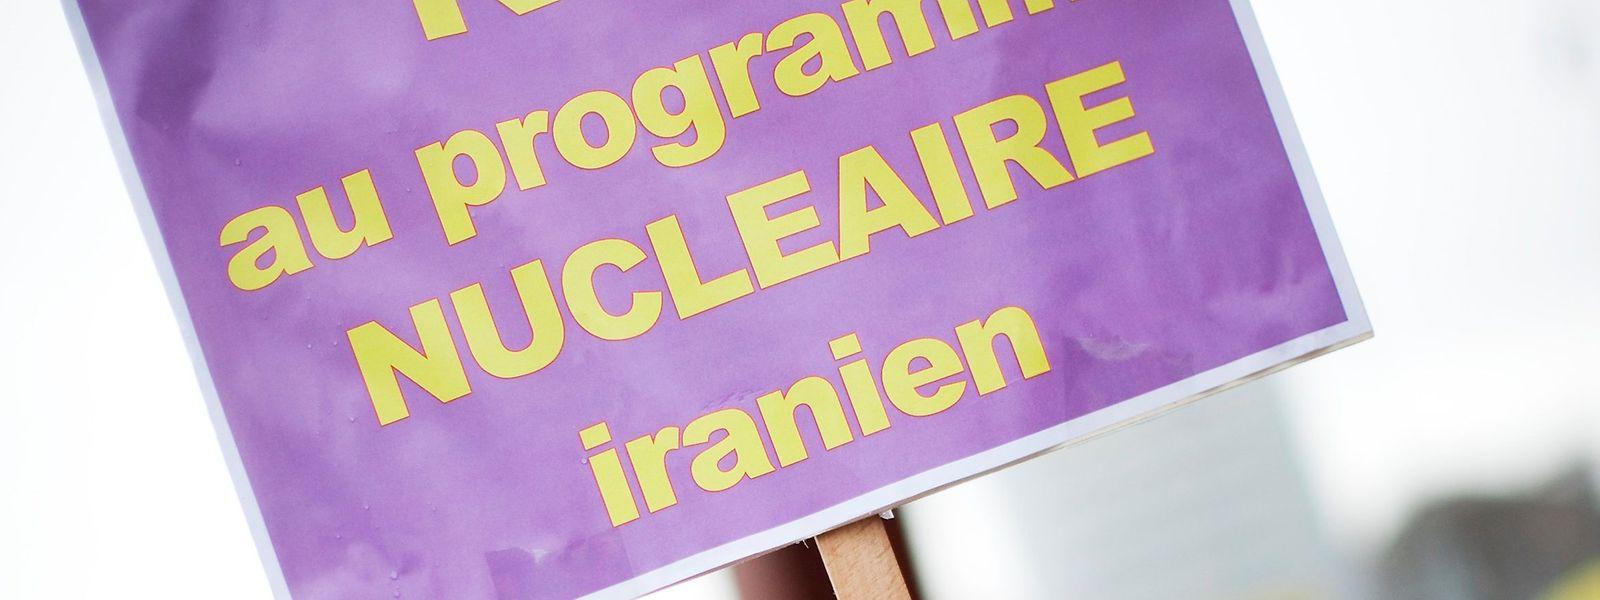 Das iranische Atomprogramm ist seit Jahren Gegenstand von Diskussionen.